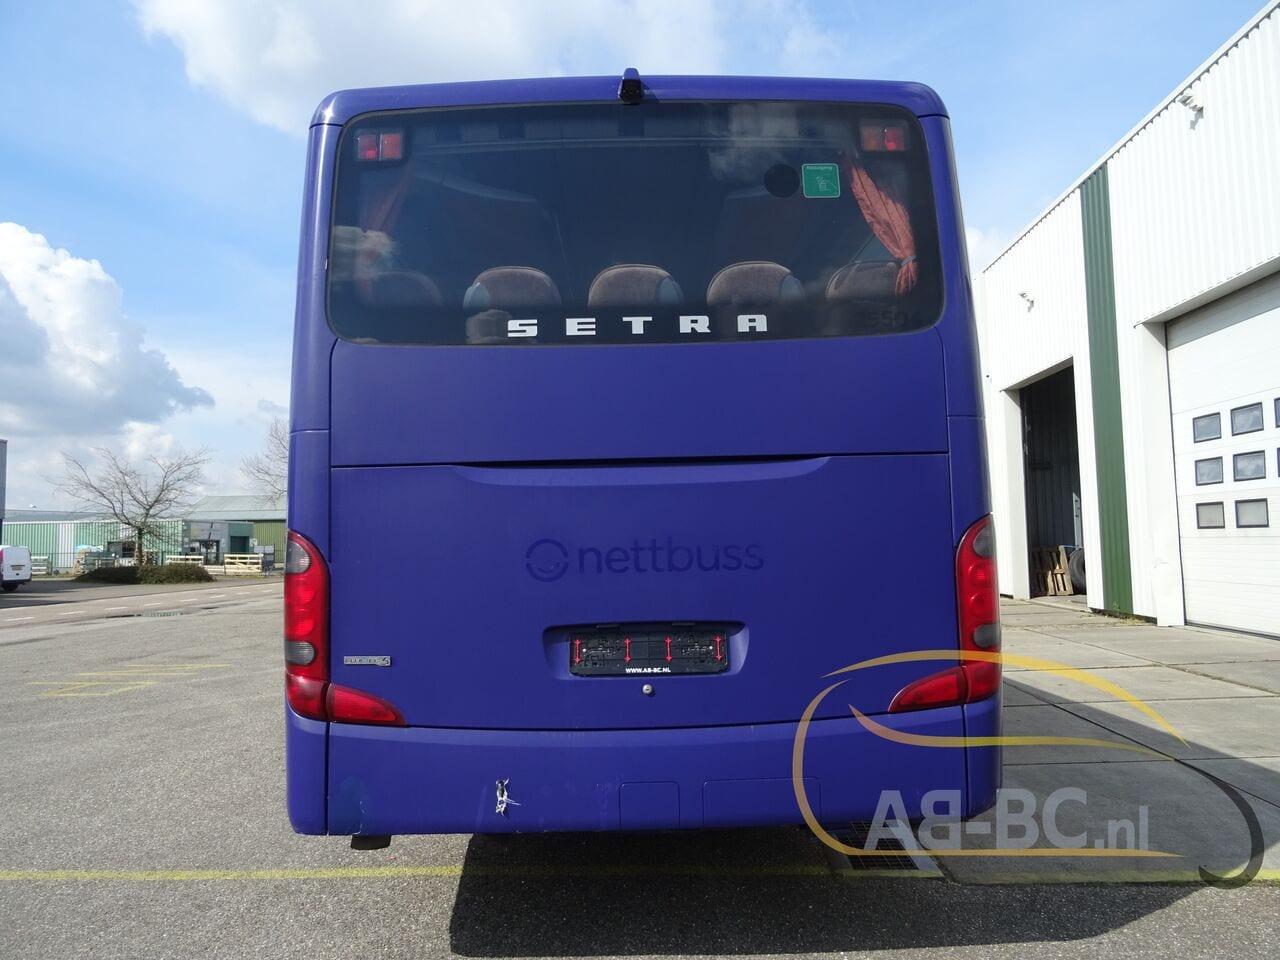 coach-busSETRA-S416H-48-SEATS-LIFTBUS---1620309697042276152_big_2fca24170d6effb5a00c4c3f58be6a1e--21050616581387095000